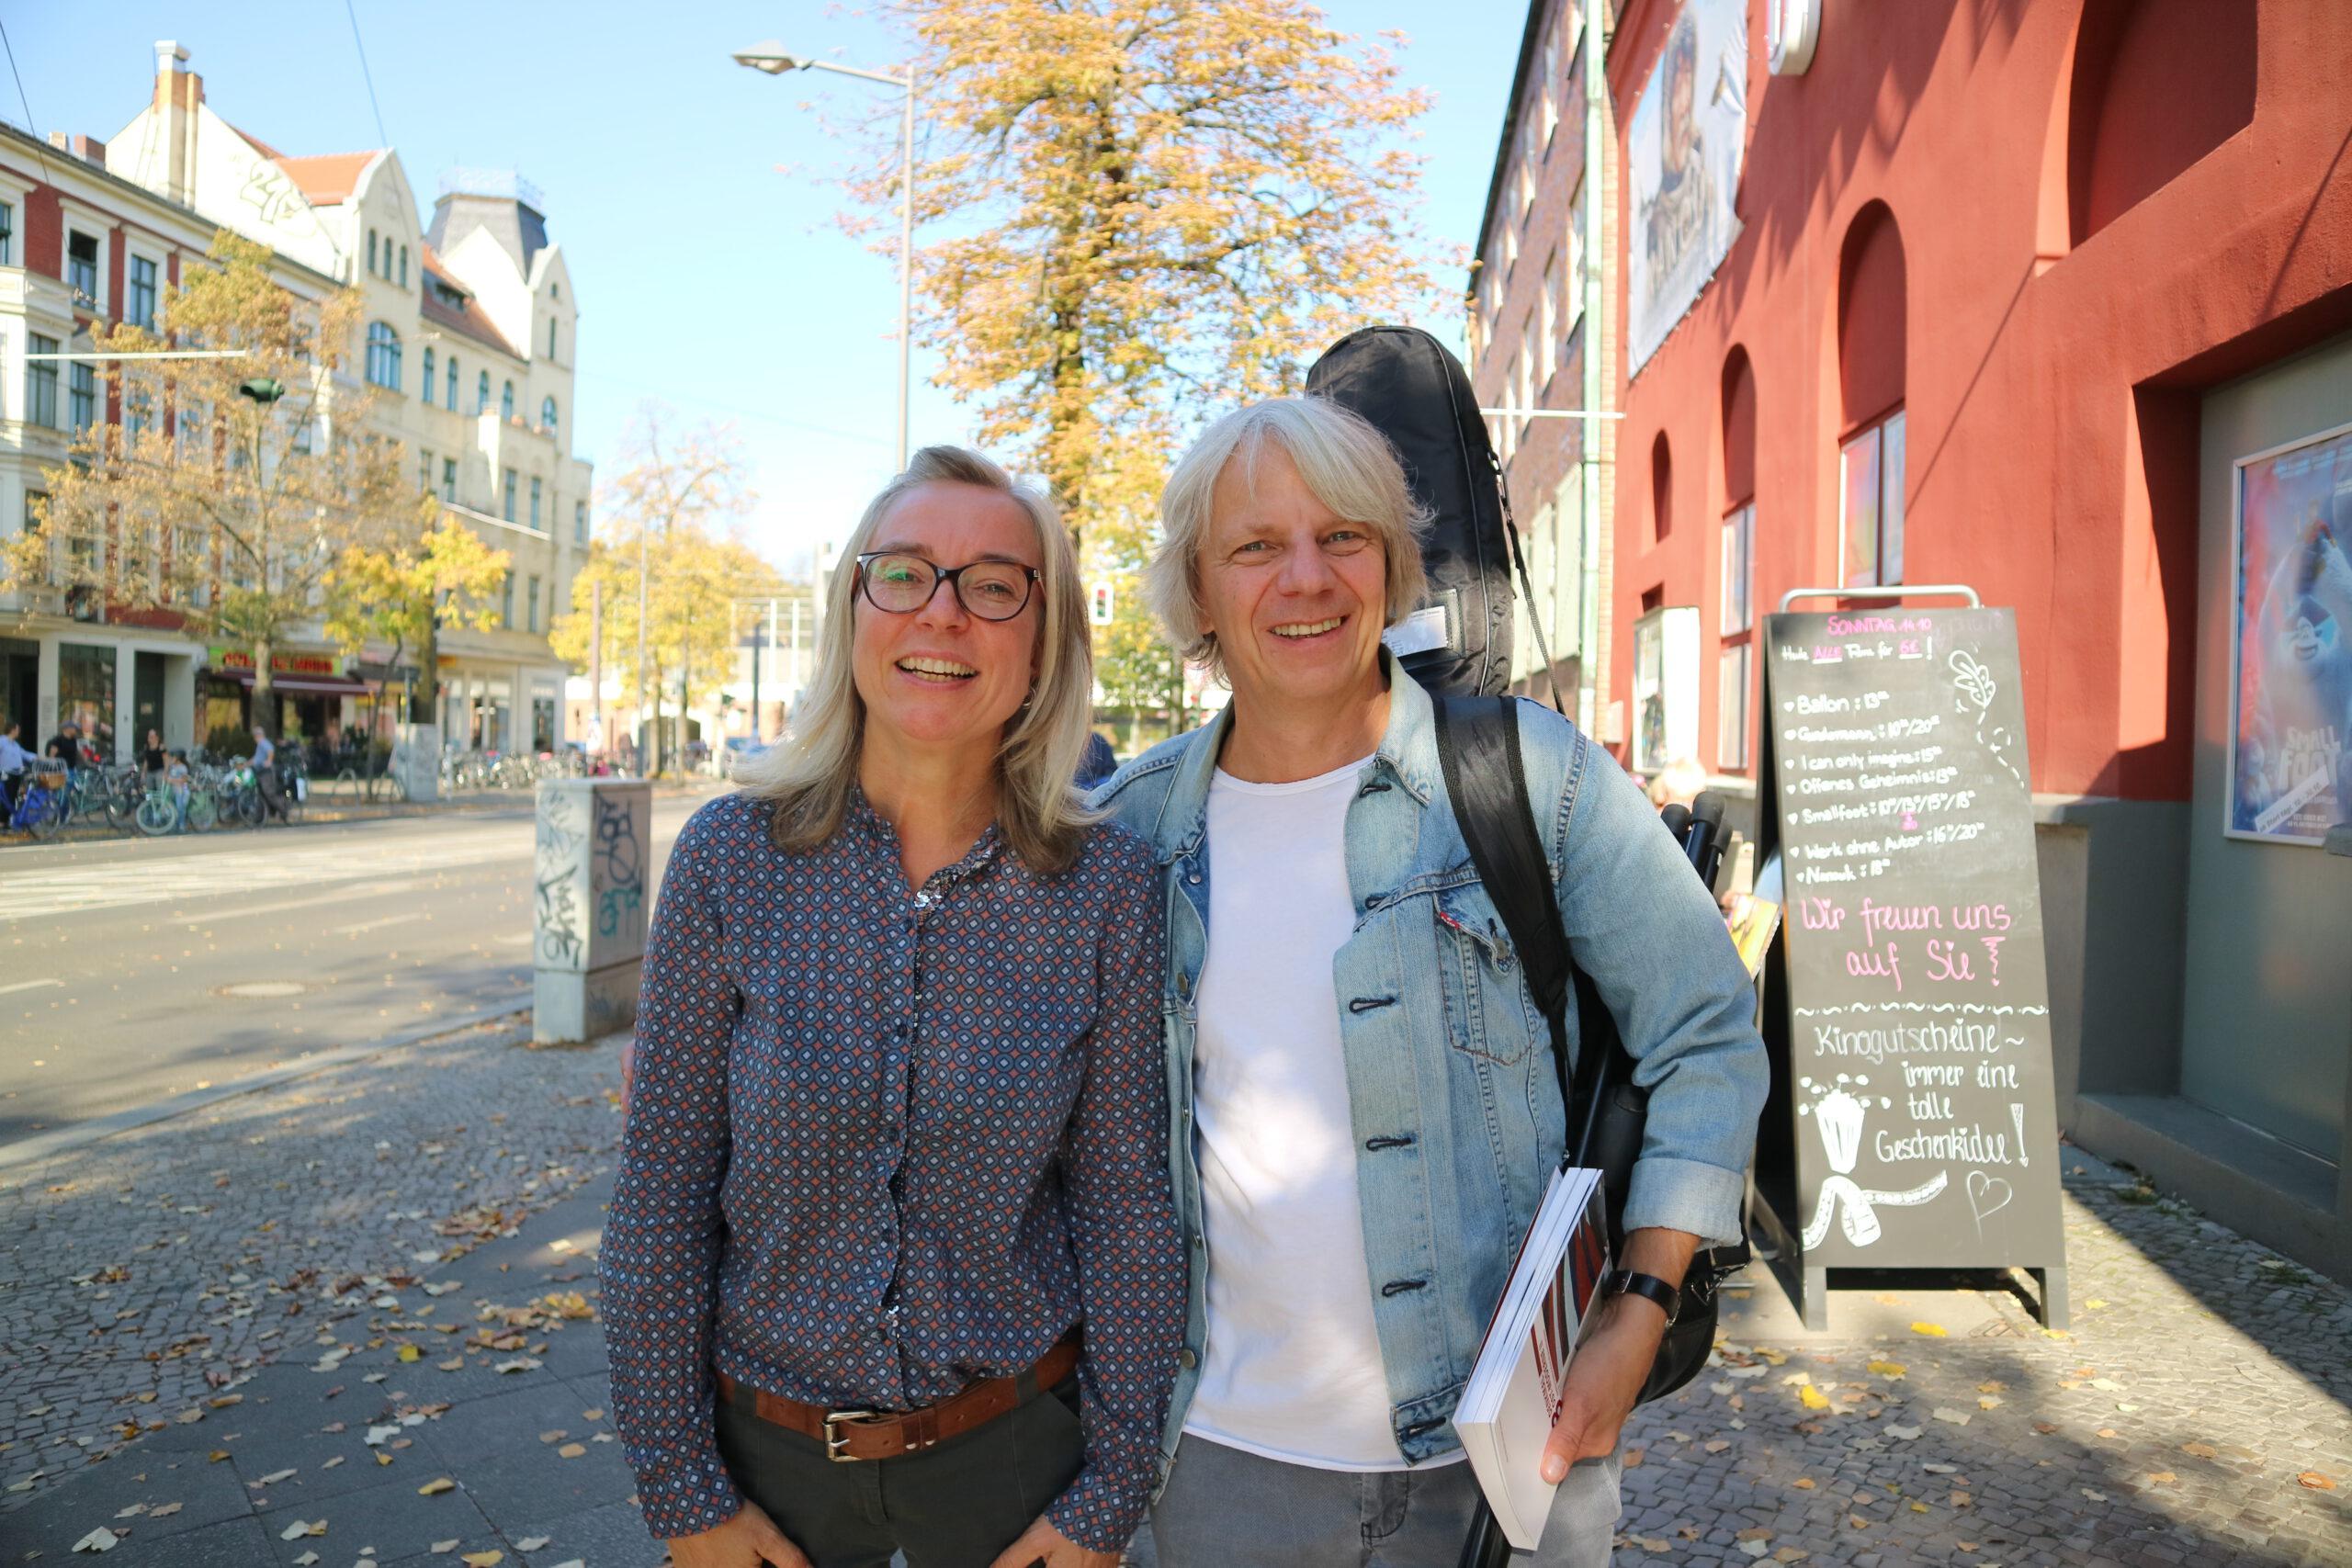 Moderatorin Danuta Schmidt mit ihrem Gast Andreas Dresen.